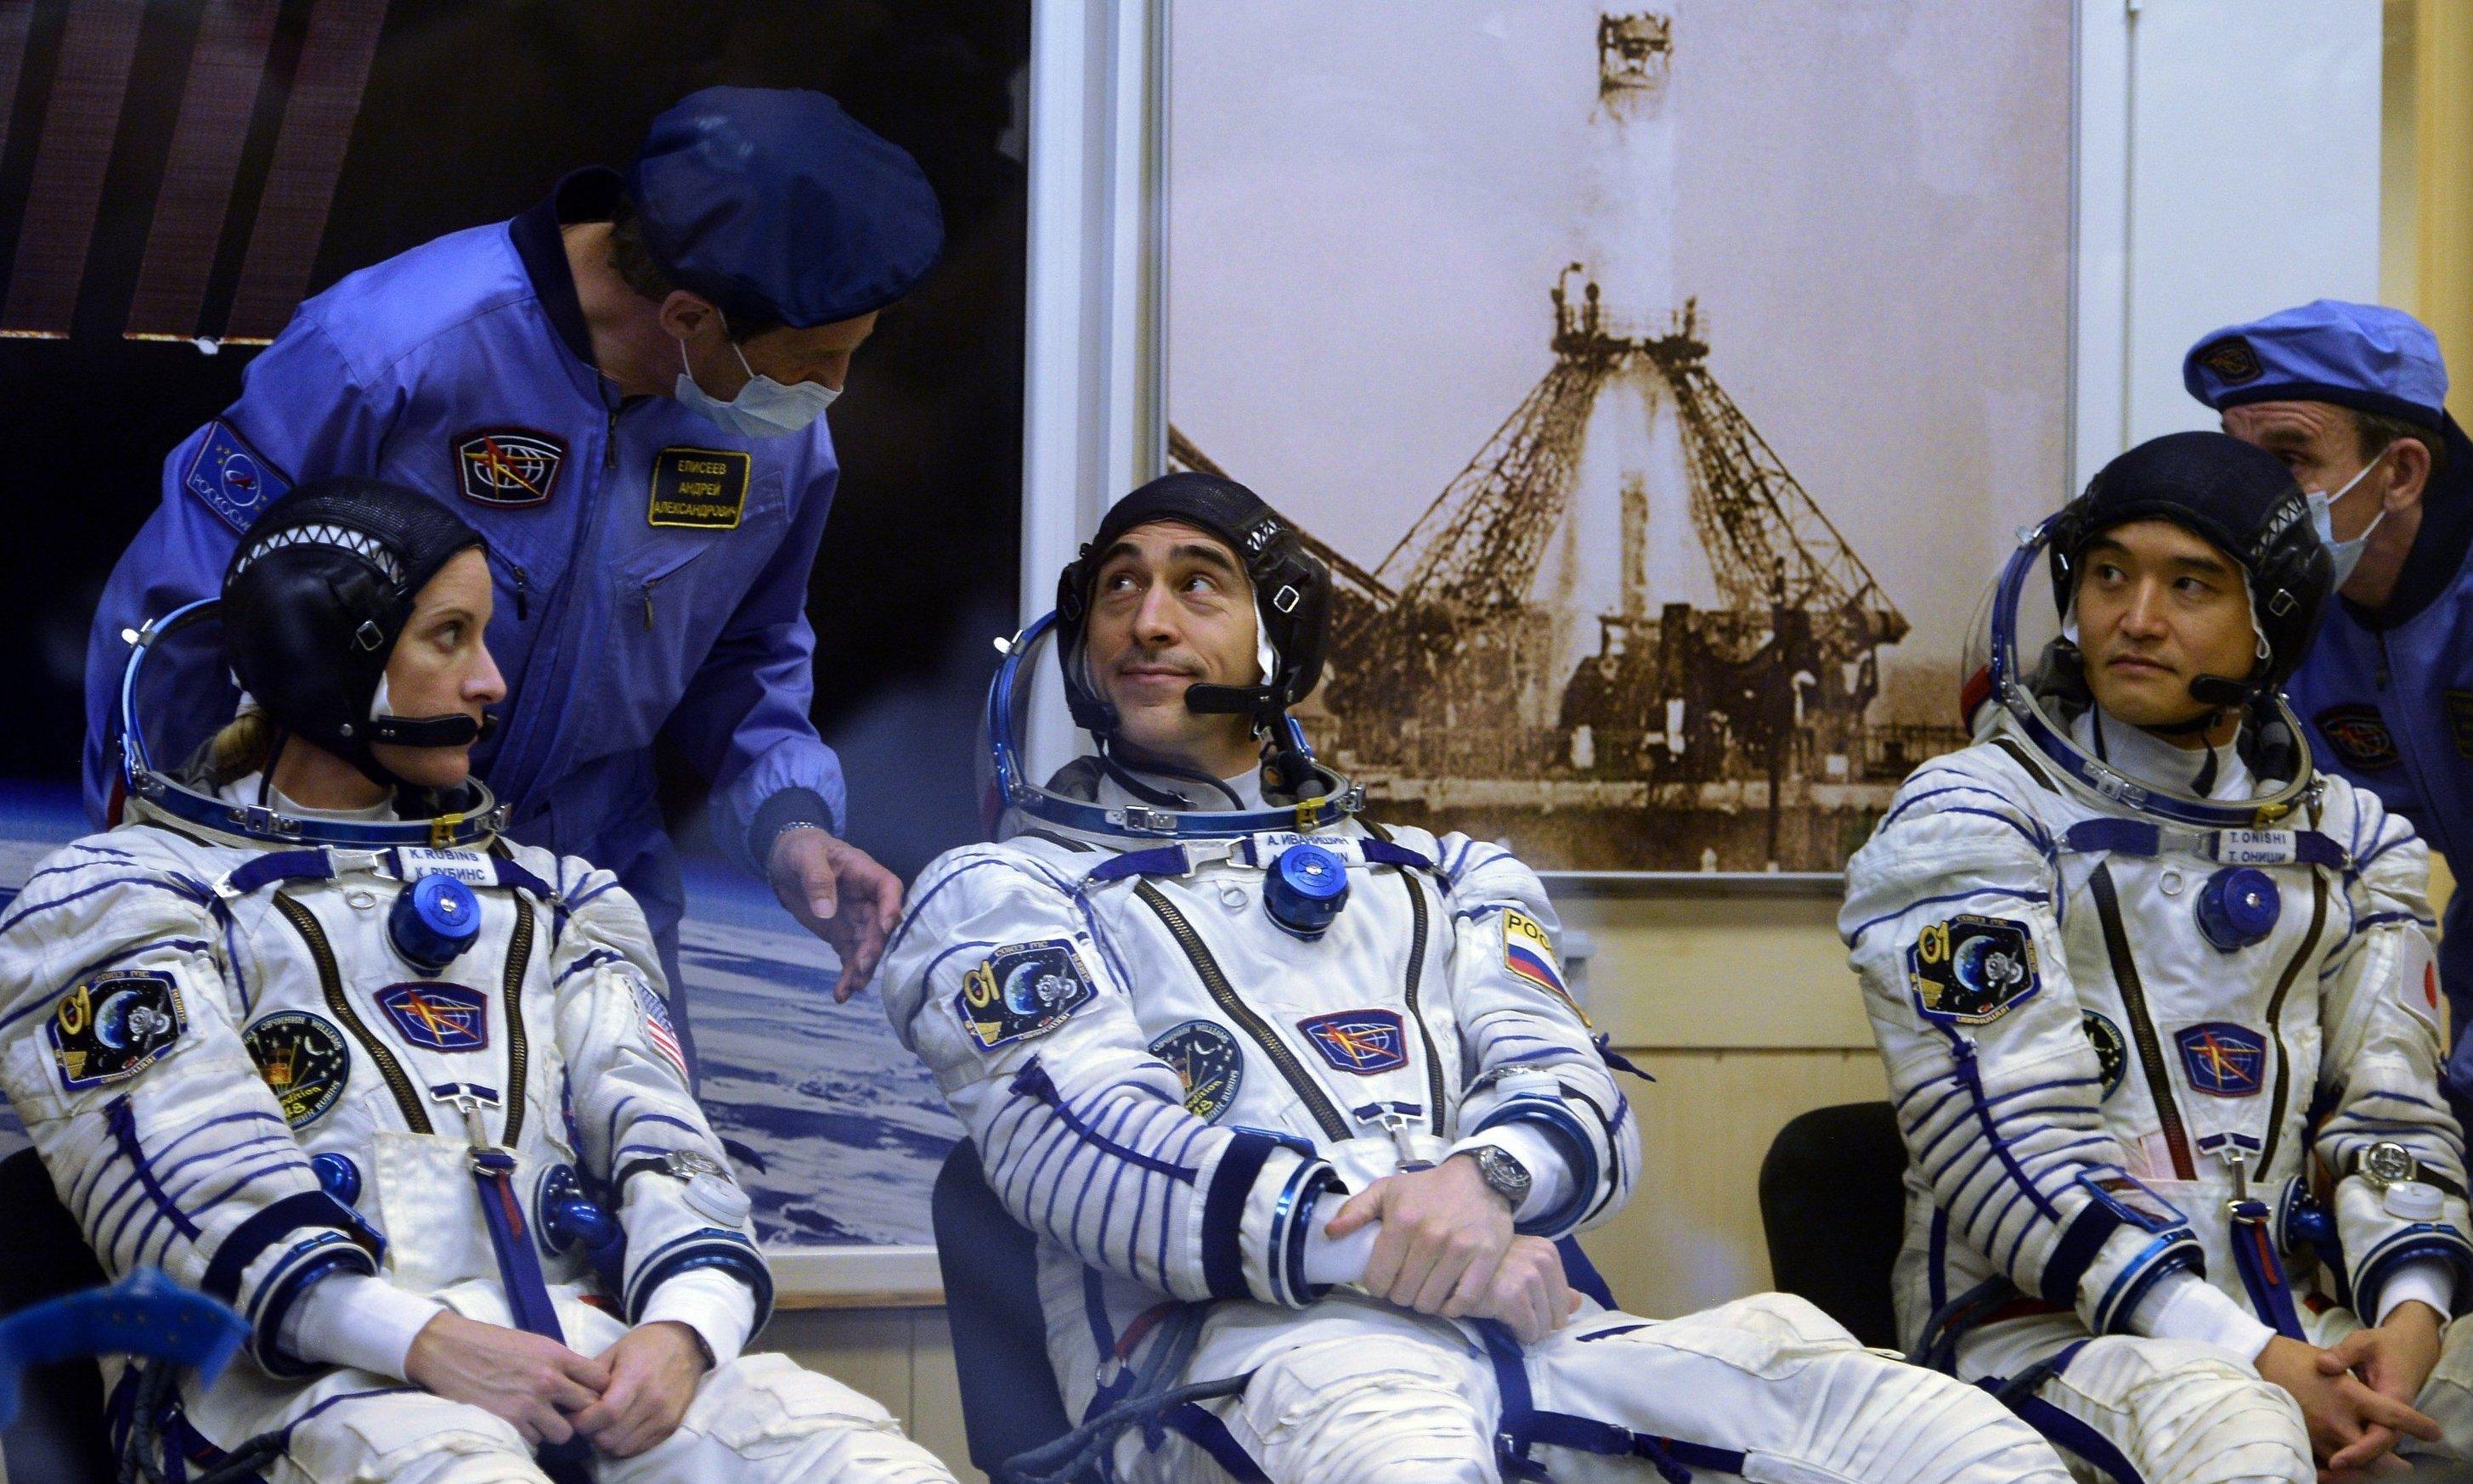 Astranautas de la 48ª expedición, Kathleen Rubins (EEUU), Anatoli Ivanishin (Rusia) y Takuya Onishi (Japón)